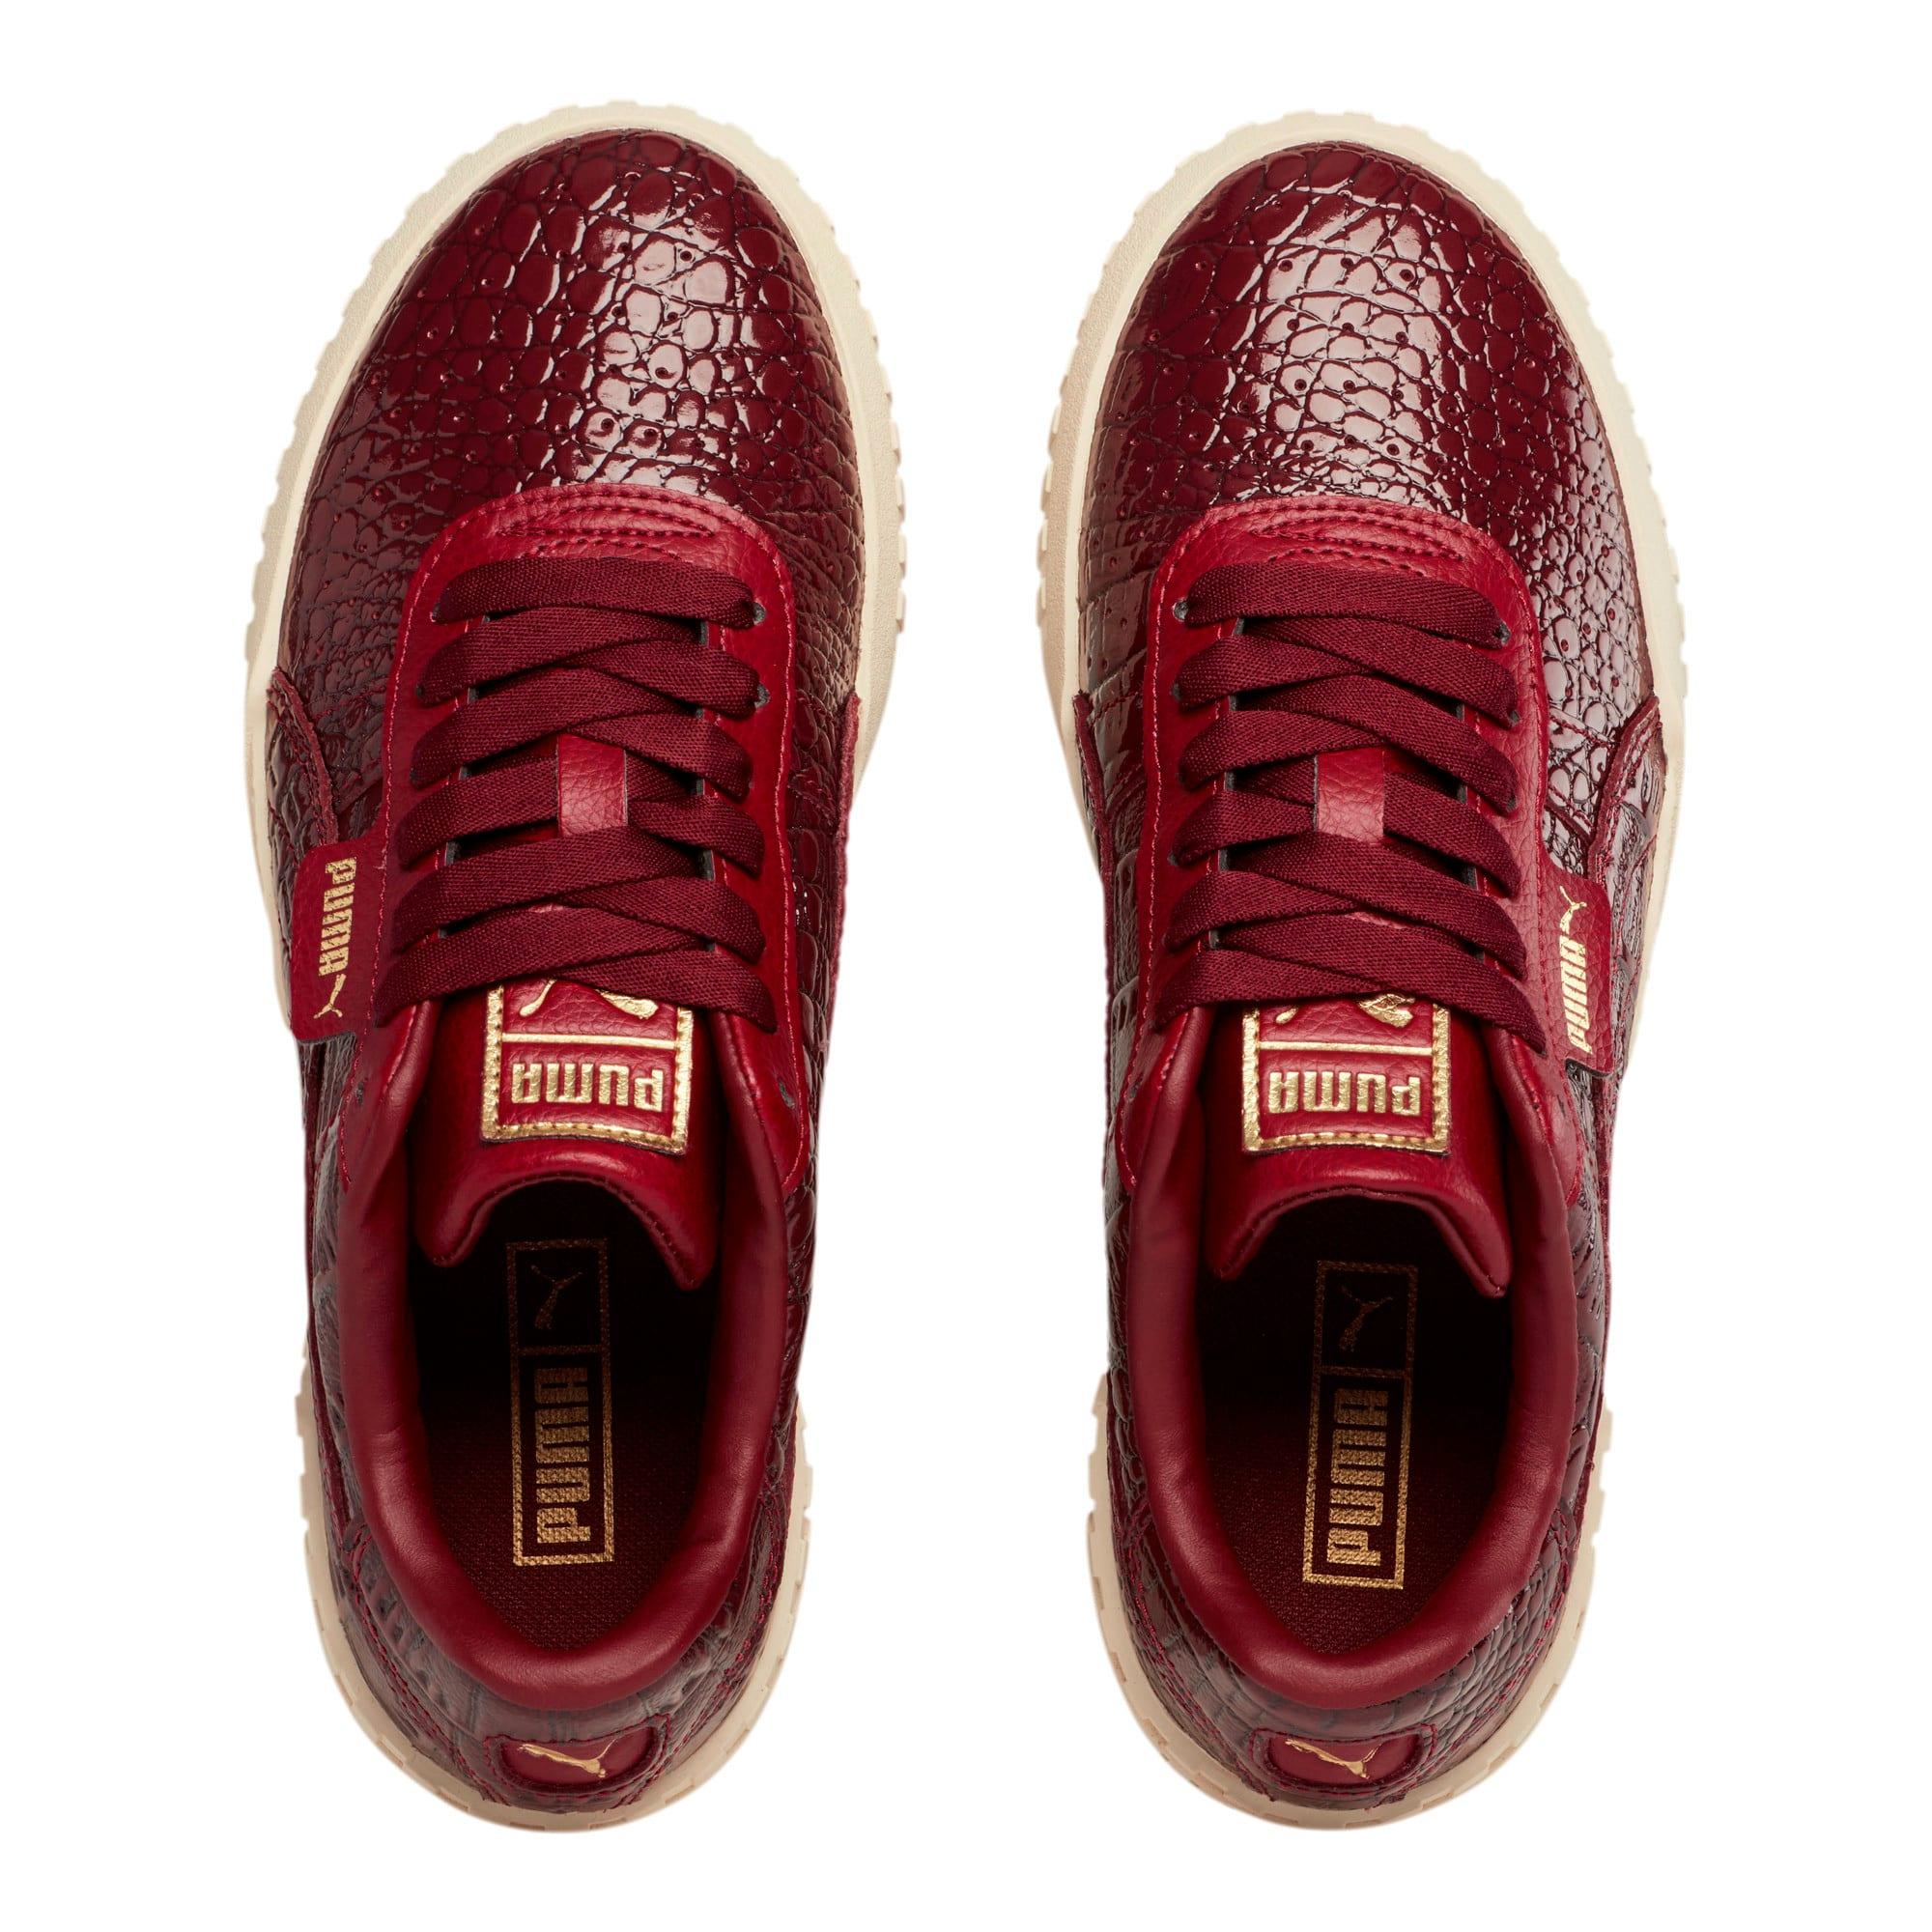 Thumbnail 7 of Cali Croc Women's Sneakers, Pomegranate-Pomegranate, medium